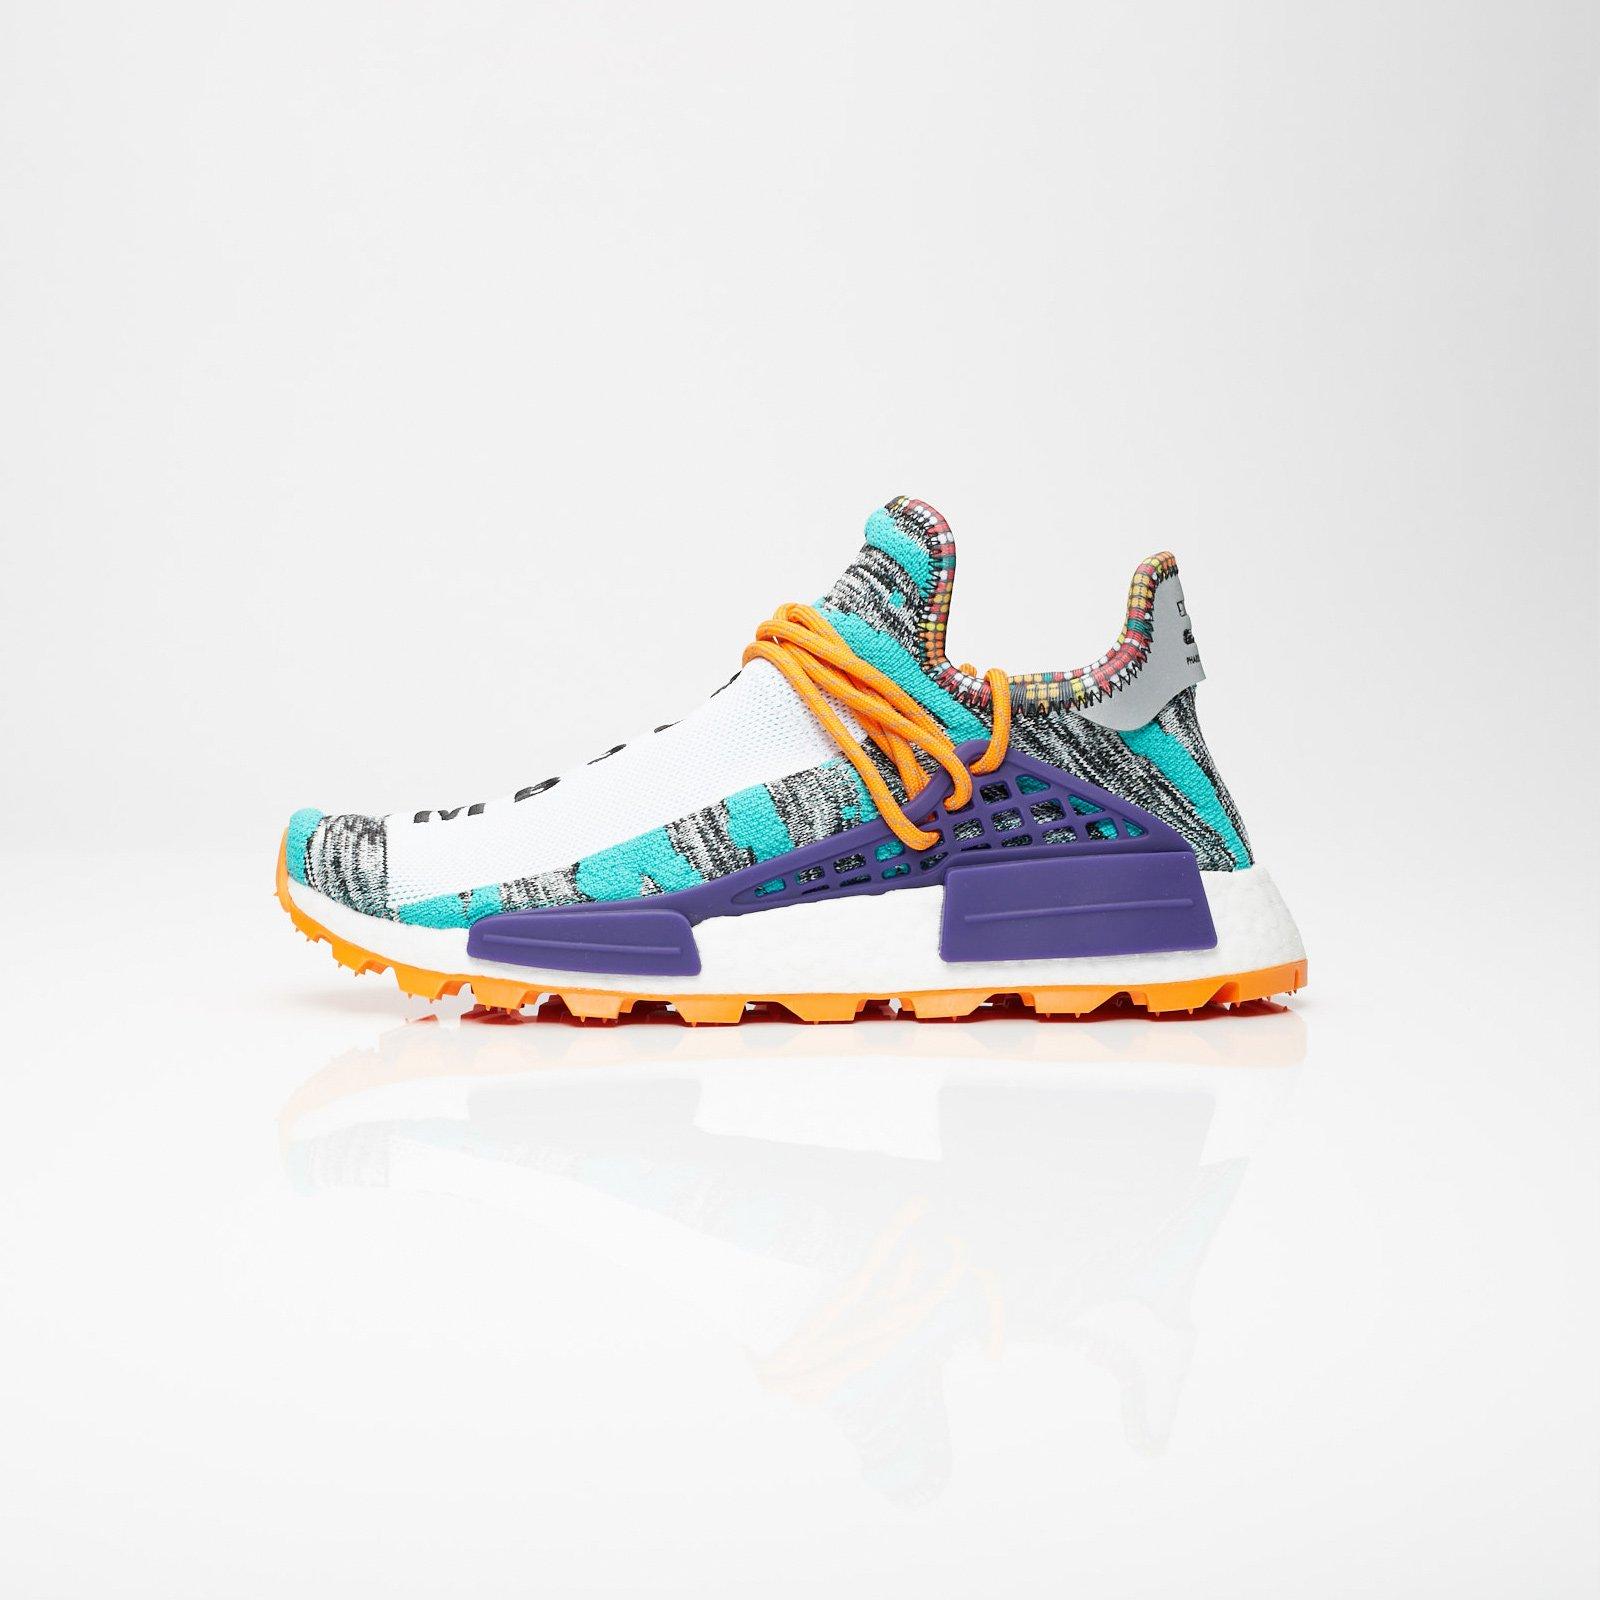 ffcd3728d adidas Solar HU NMD x Pharrell Williams - Bb9528 - Sneakersnstuff ...